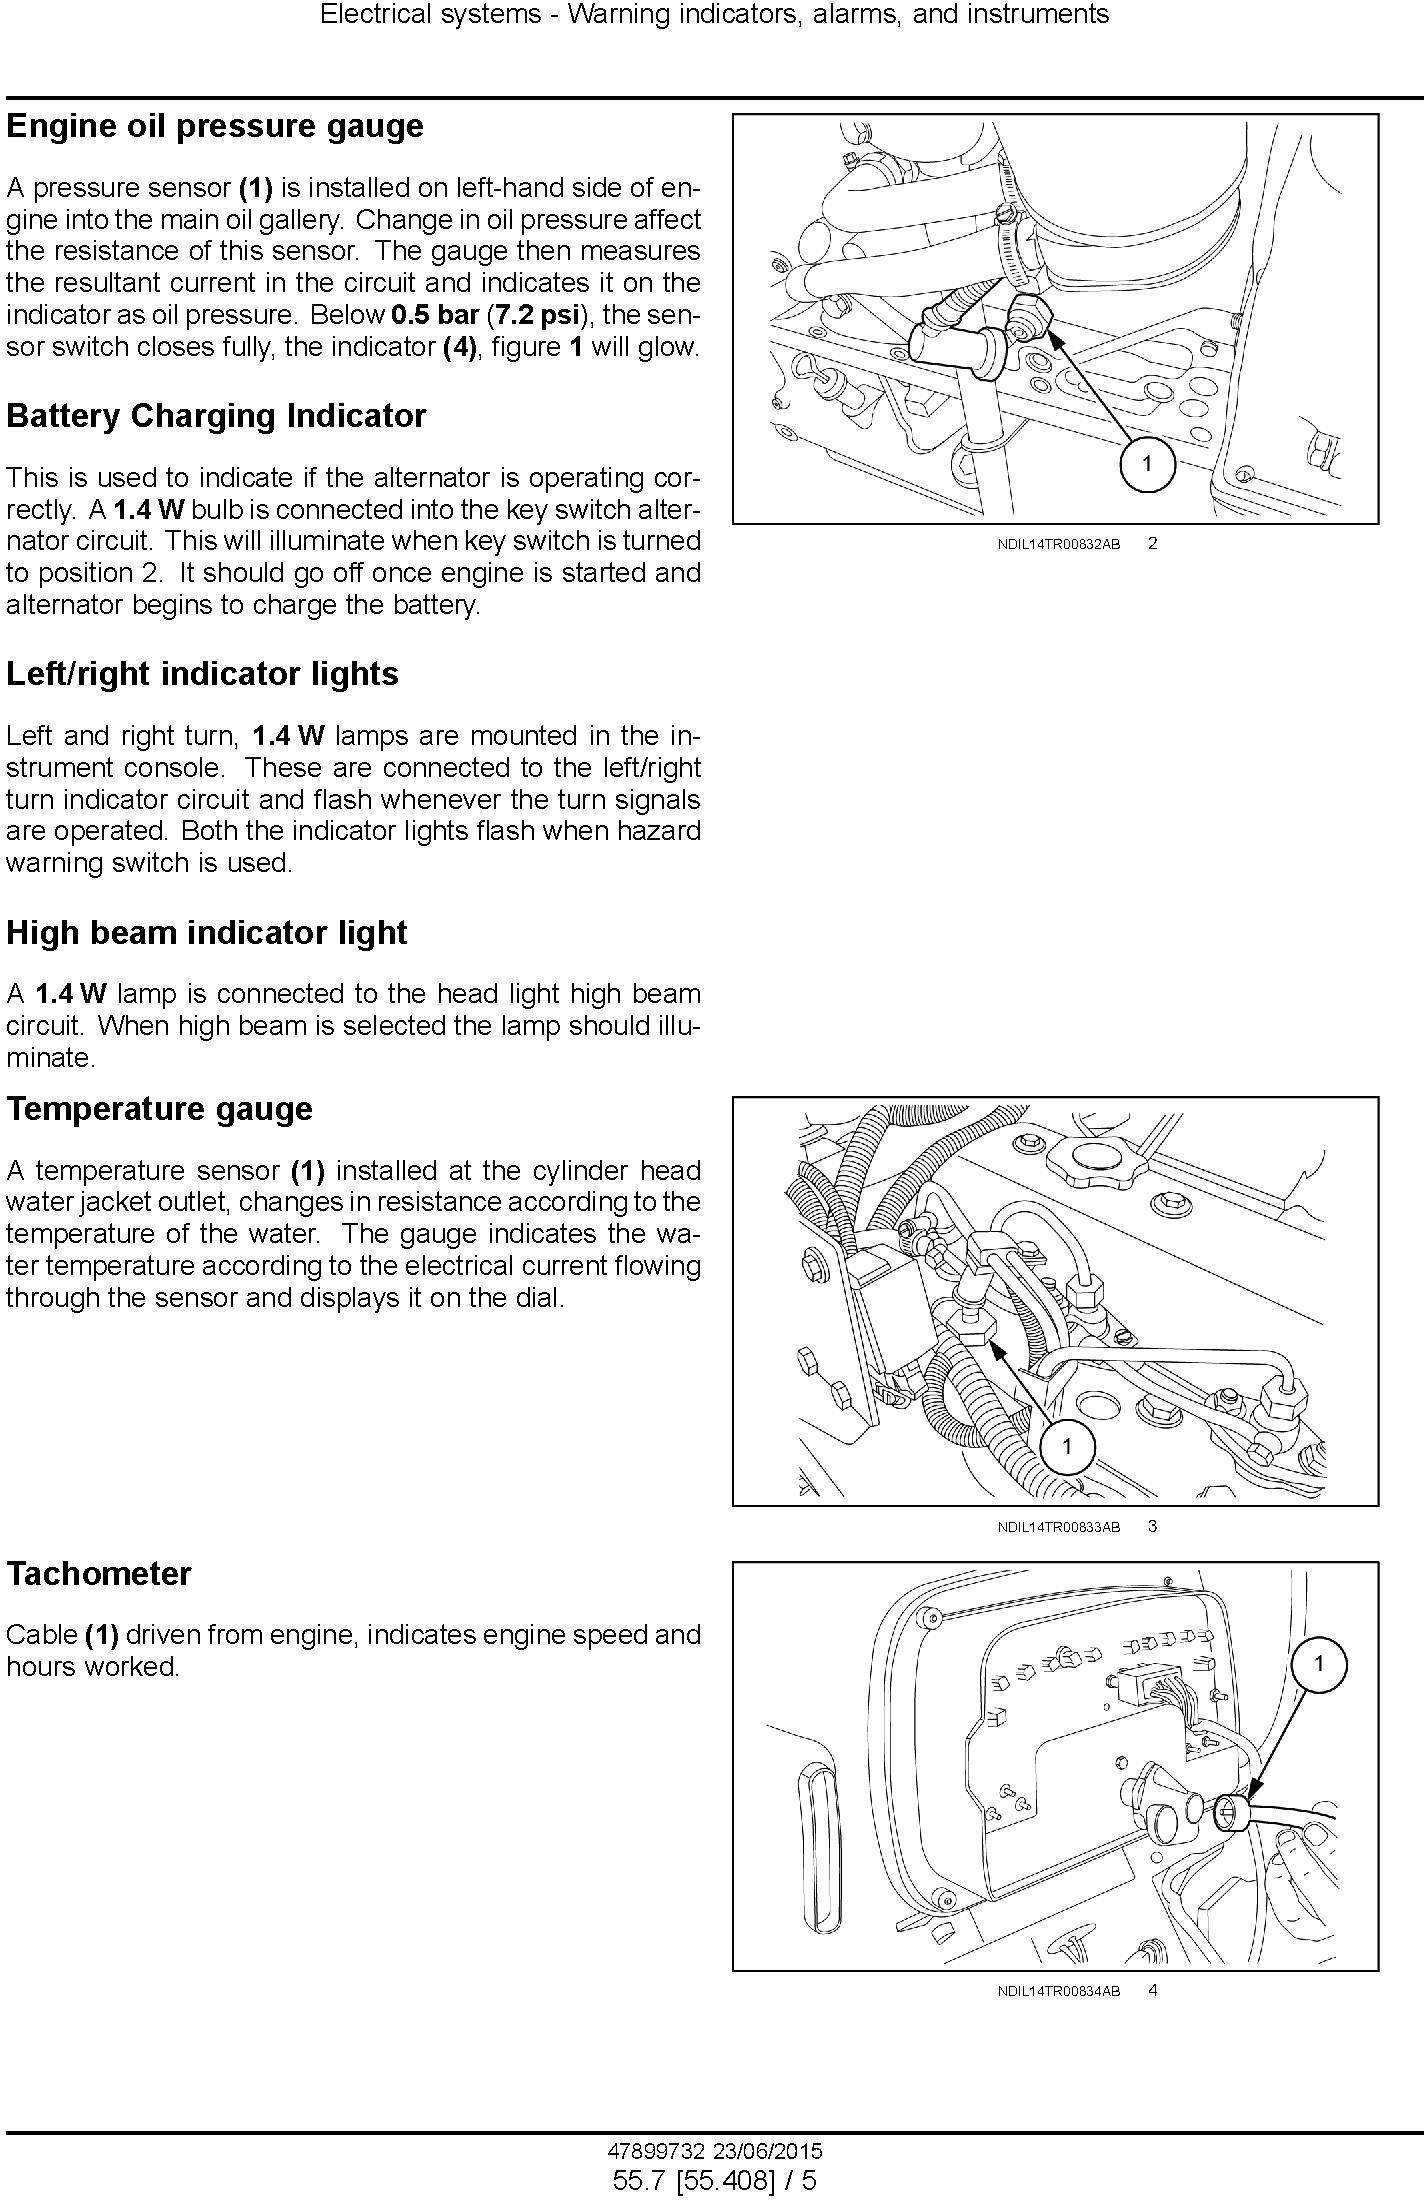 New Holland TT55, TT65, TT75 2WD and 4WD Tier 3 Tractors Service Manual - 1